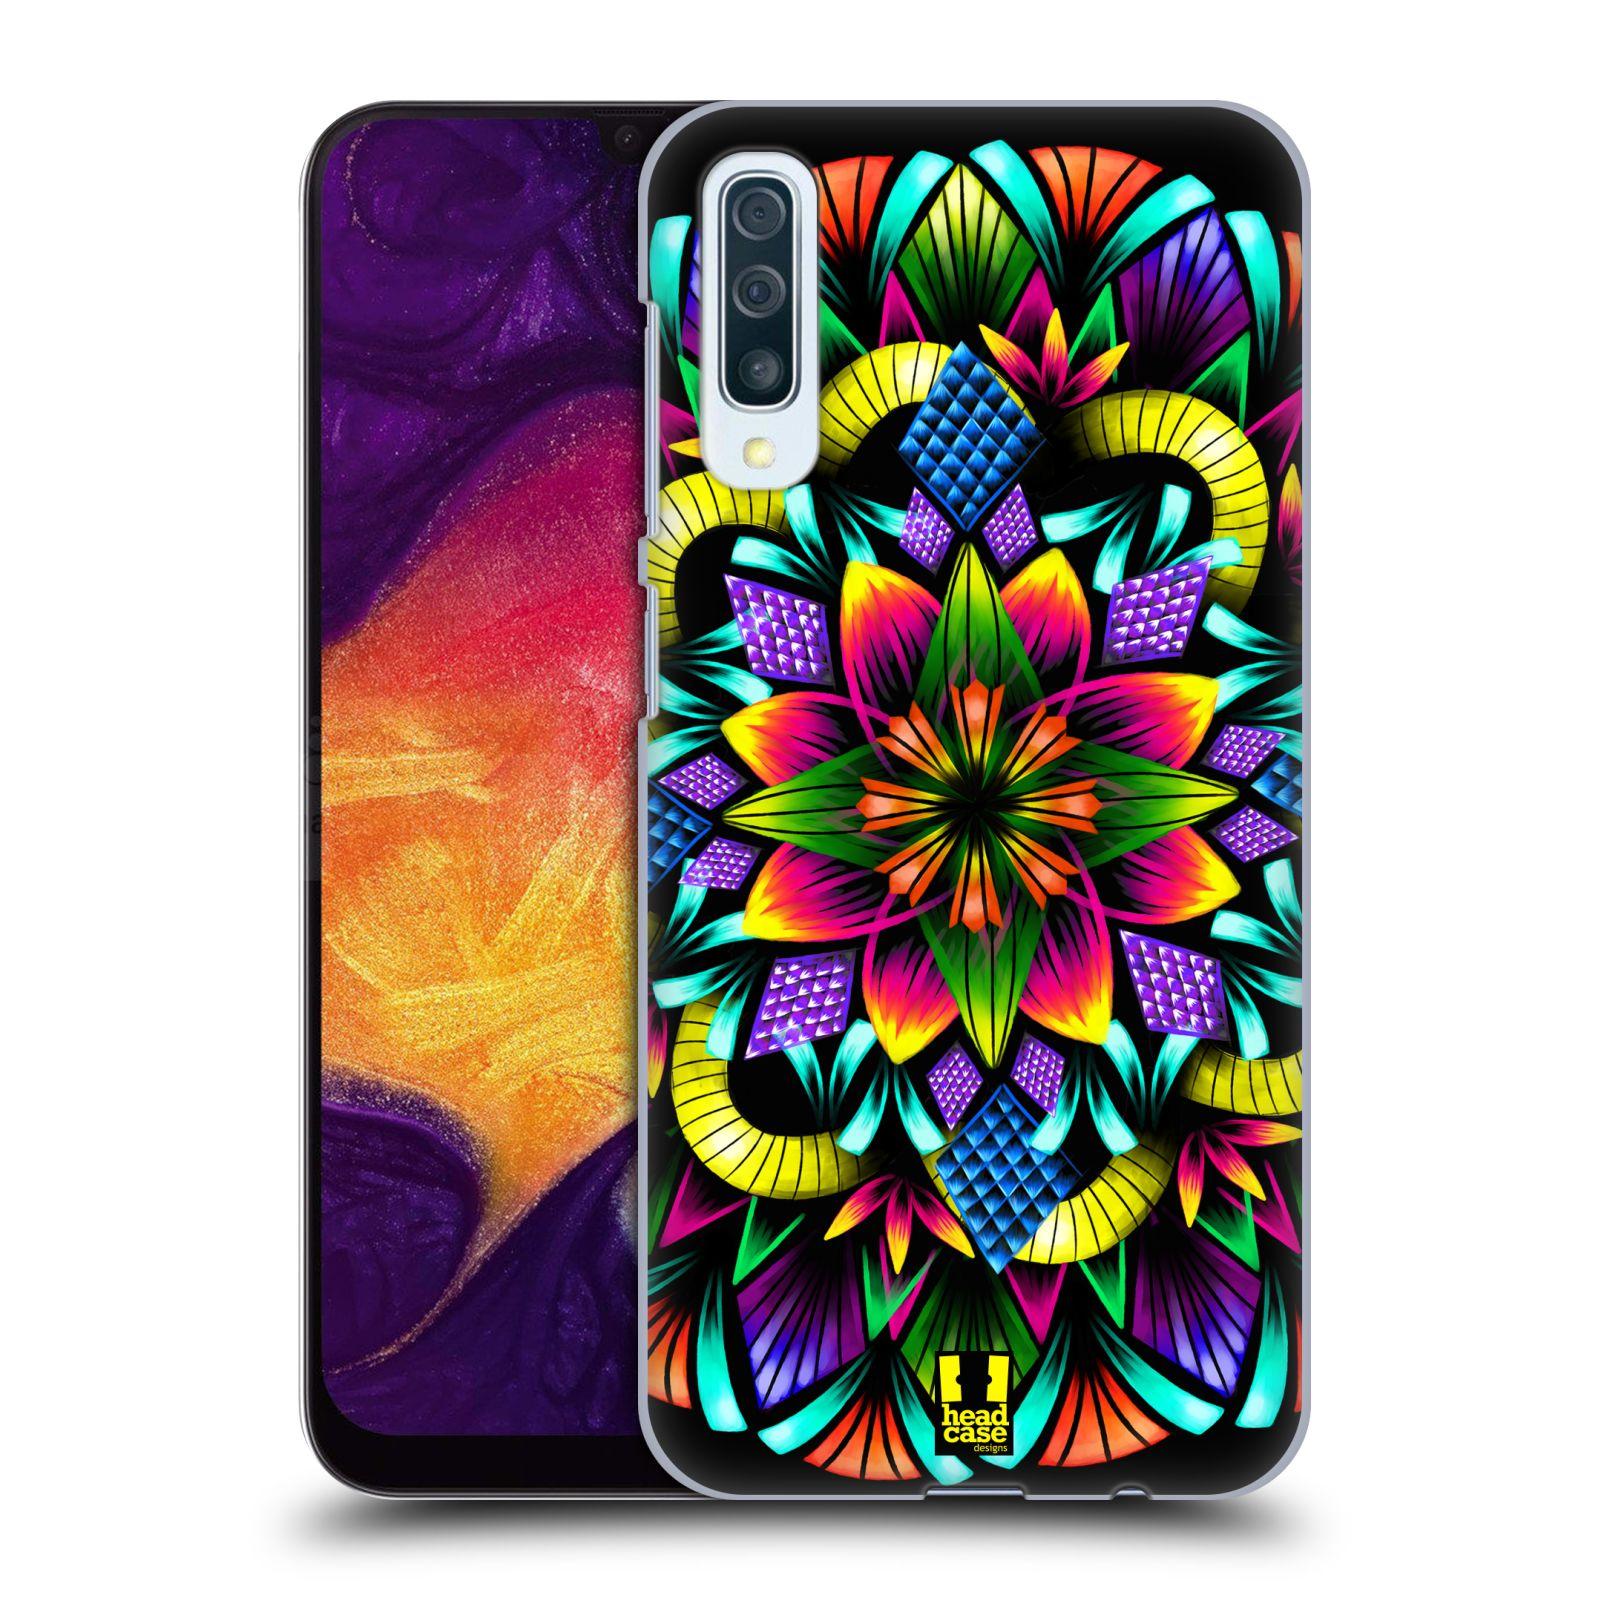 Plastové pouzdro na mobil Samsung Galaxy A50 / A30s - Head Case - Květina mandala